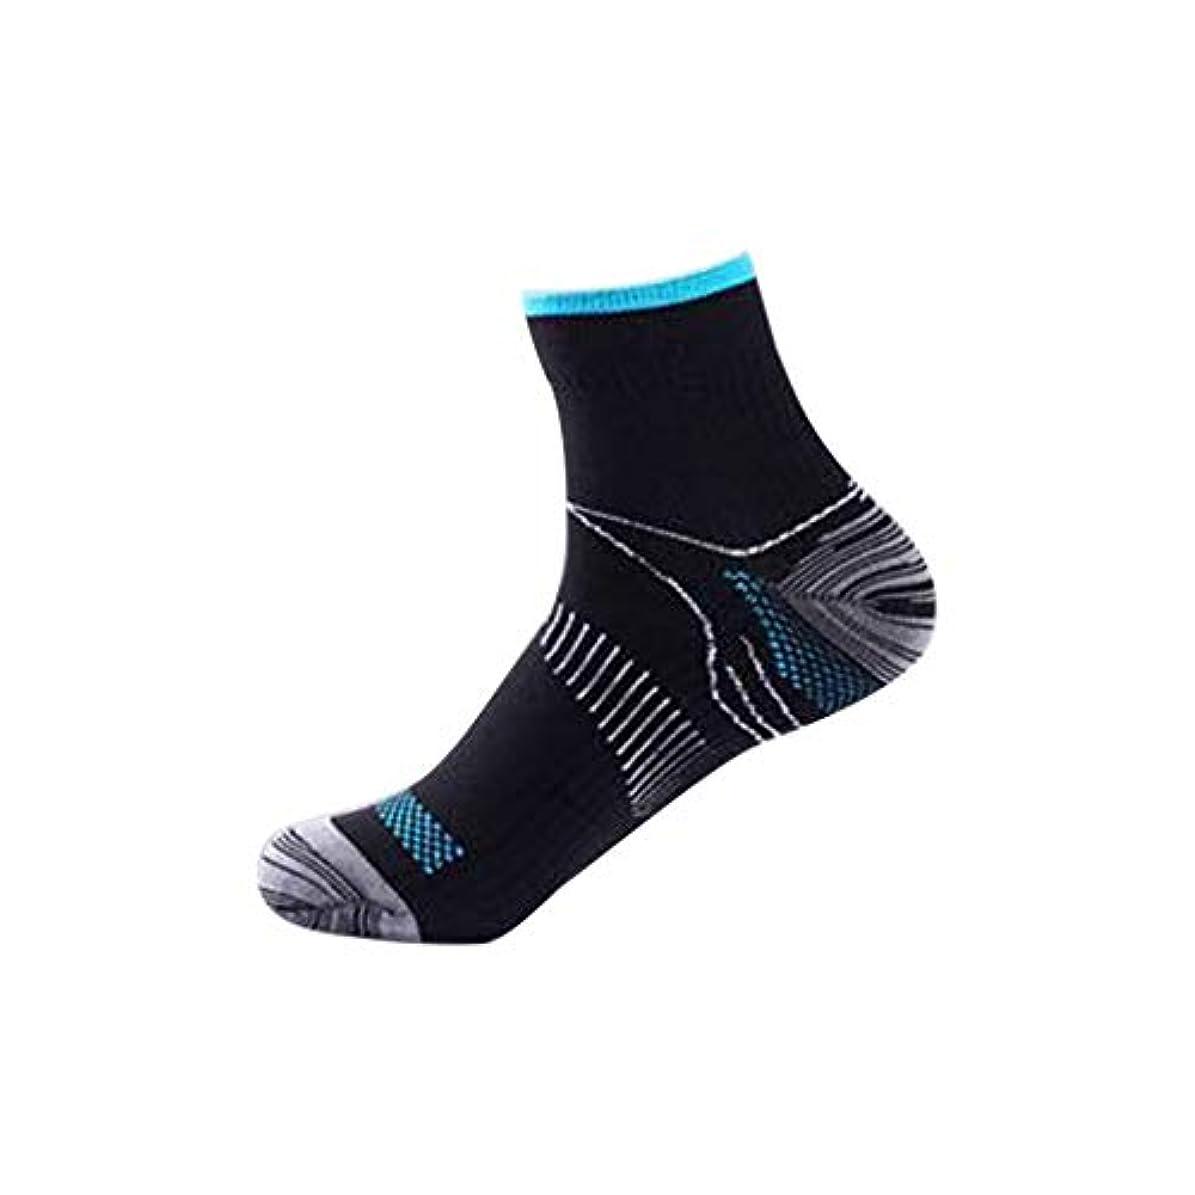 ディプロマ確執パーク快適な男性の女性の膝の靴下のサポートストレッチ通気性の靴下の下の短いストレッチ圧縮の靴下(Color:black&blue)(Size:S/M)